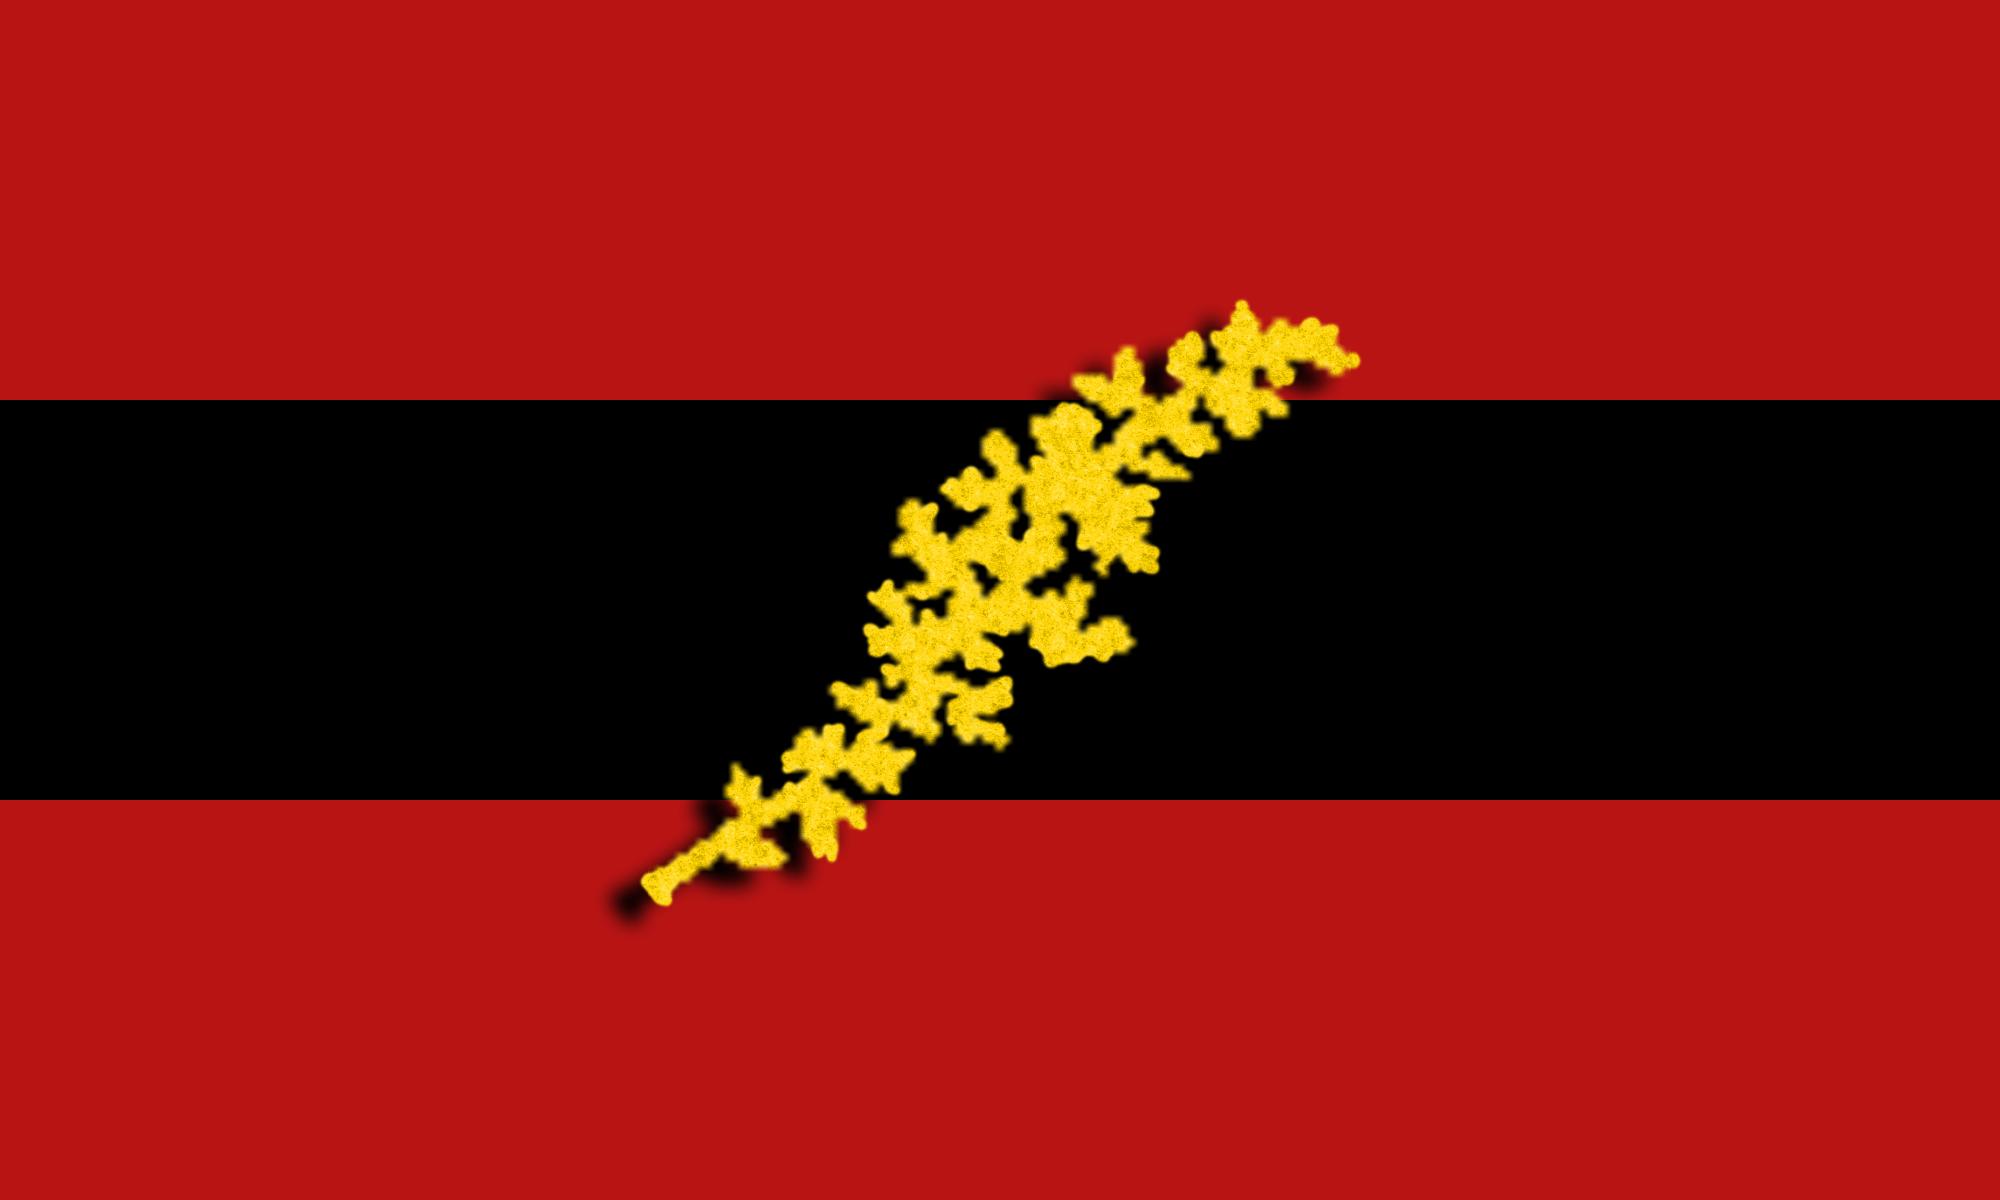 Flag Urburschenschaft By Arminius1871 On DeviantArt